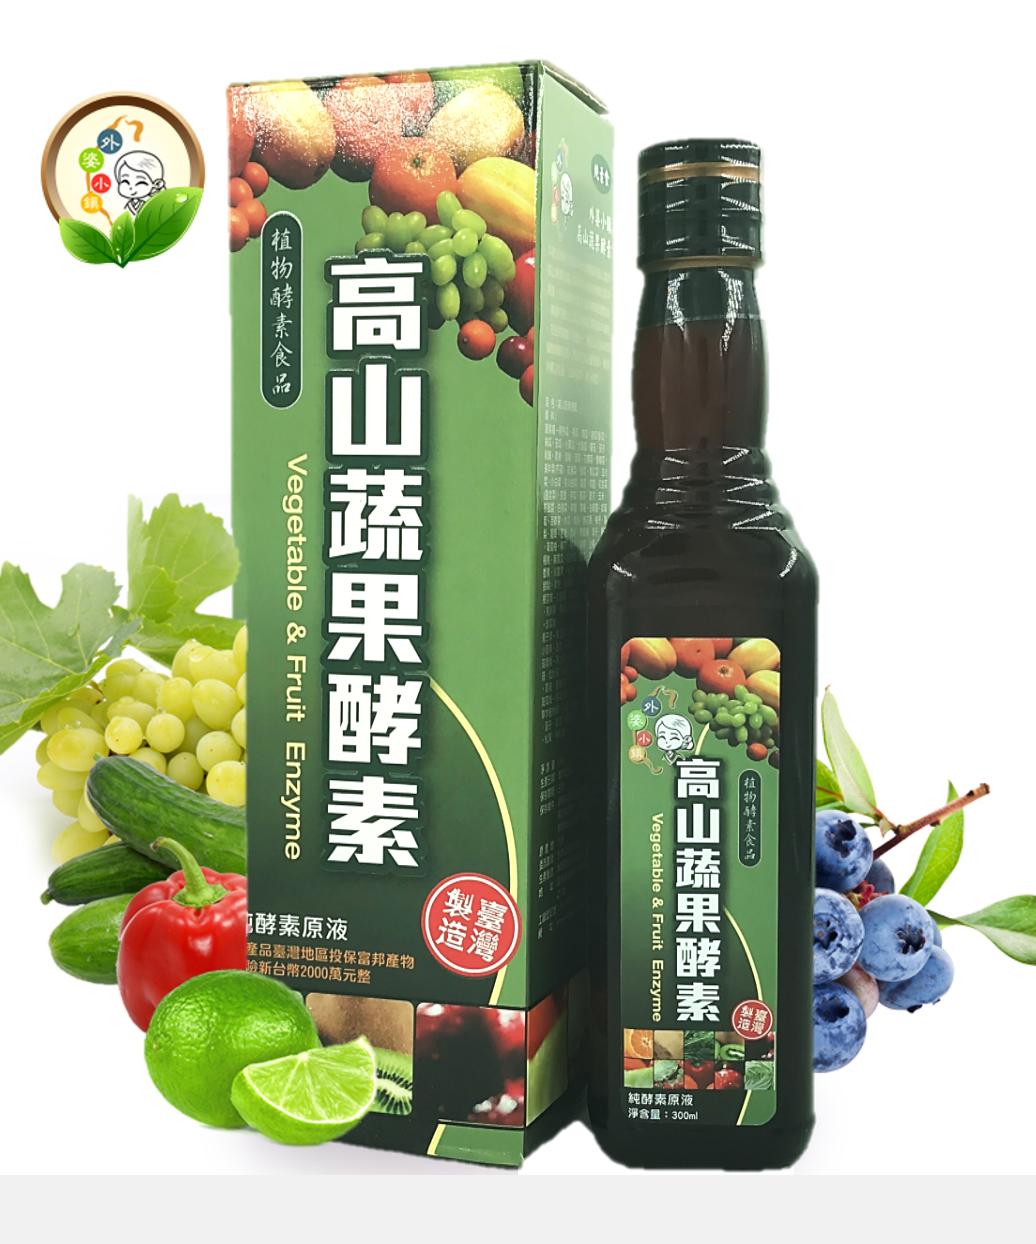 外婆小鎮-高山蔬果酵素(小瓶裝300ml)(酵素液)